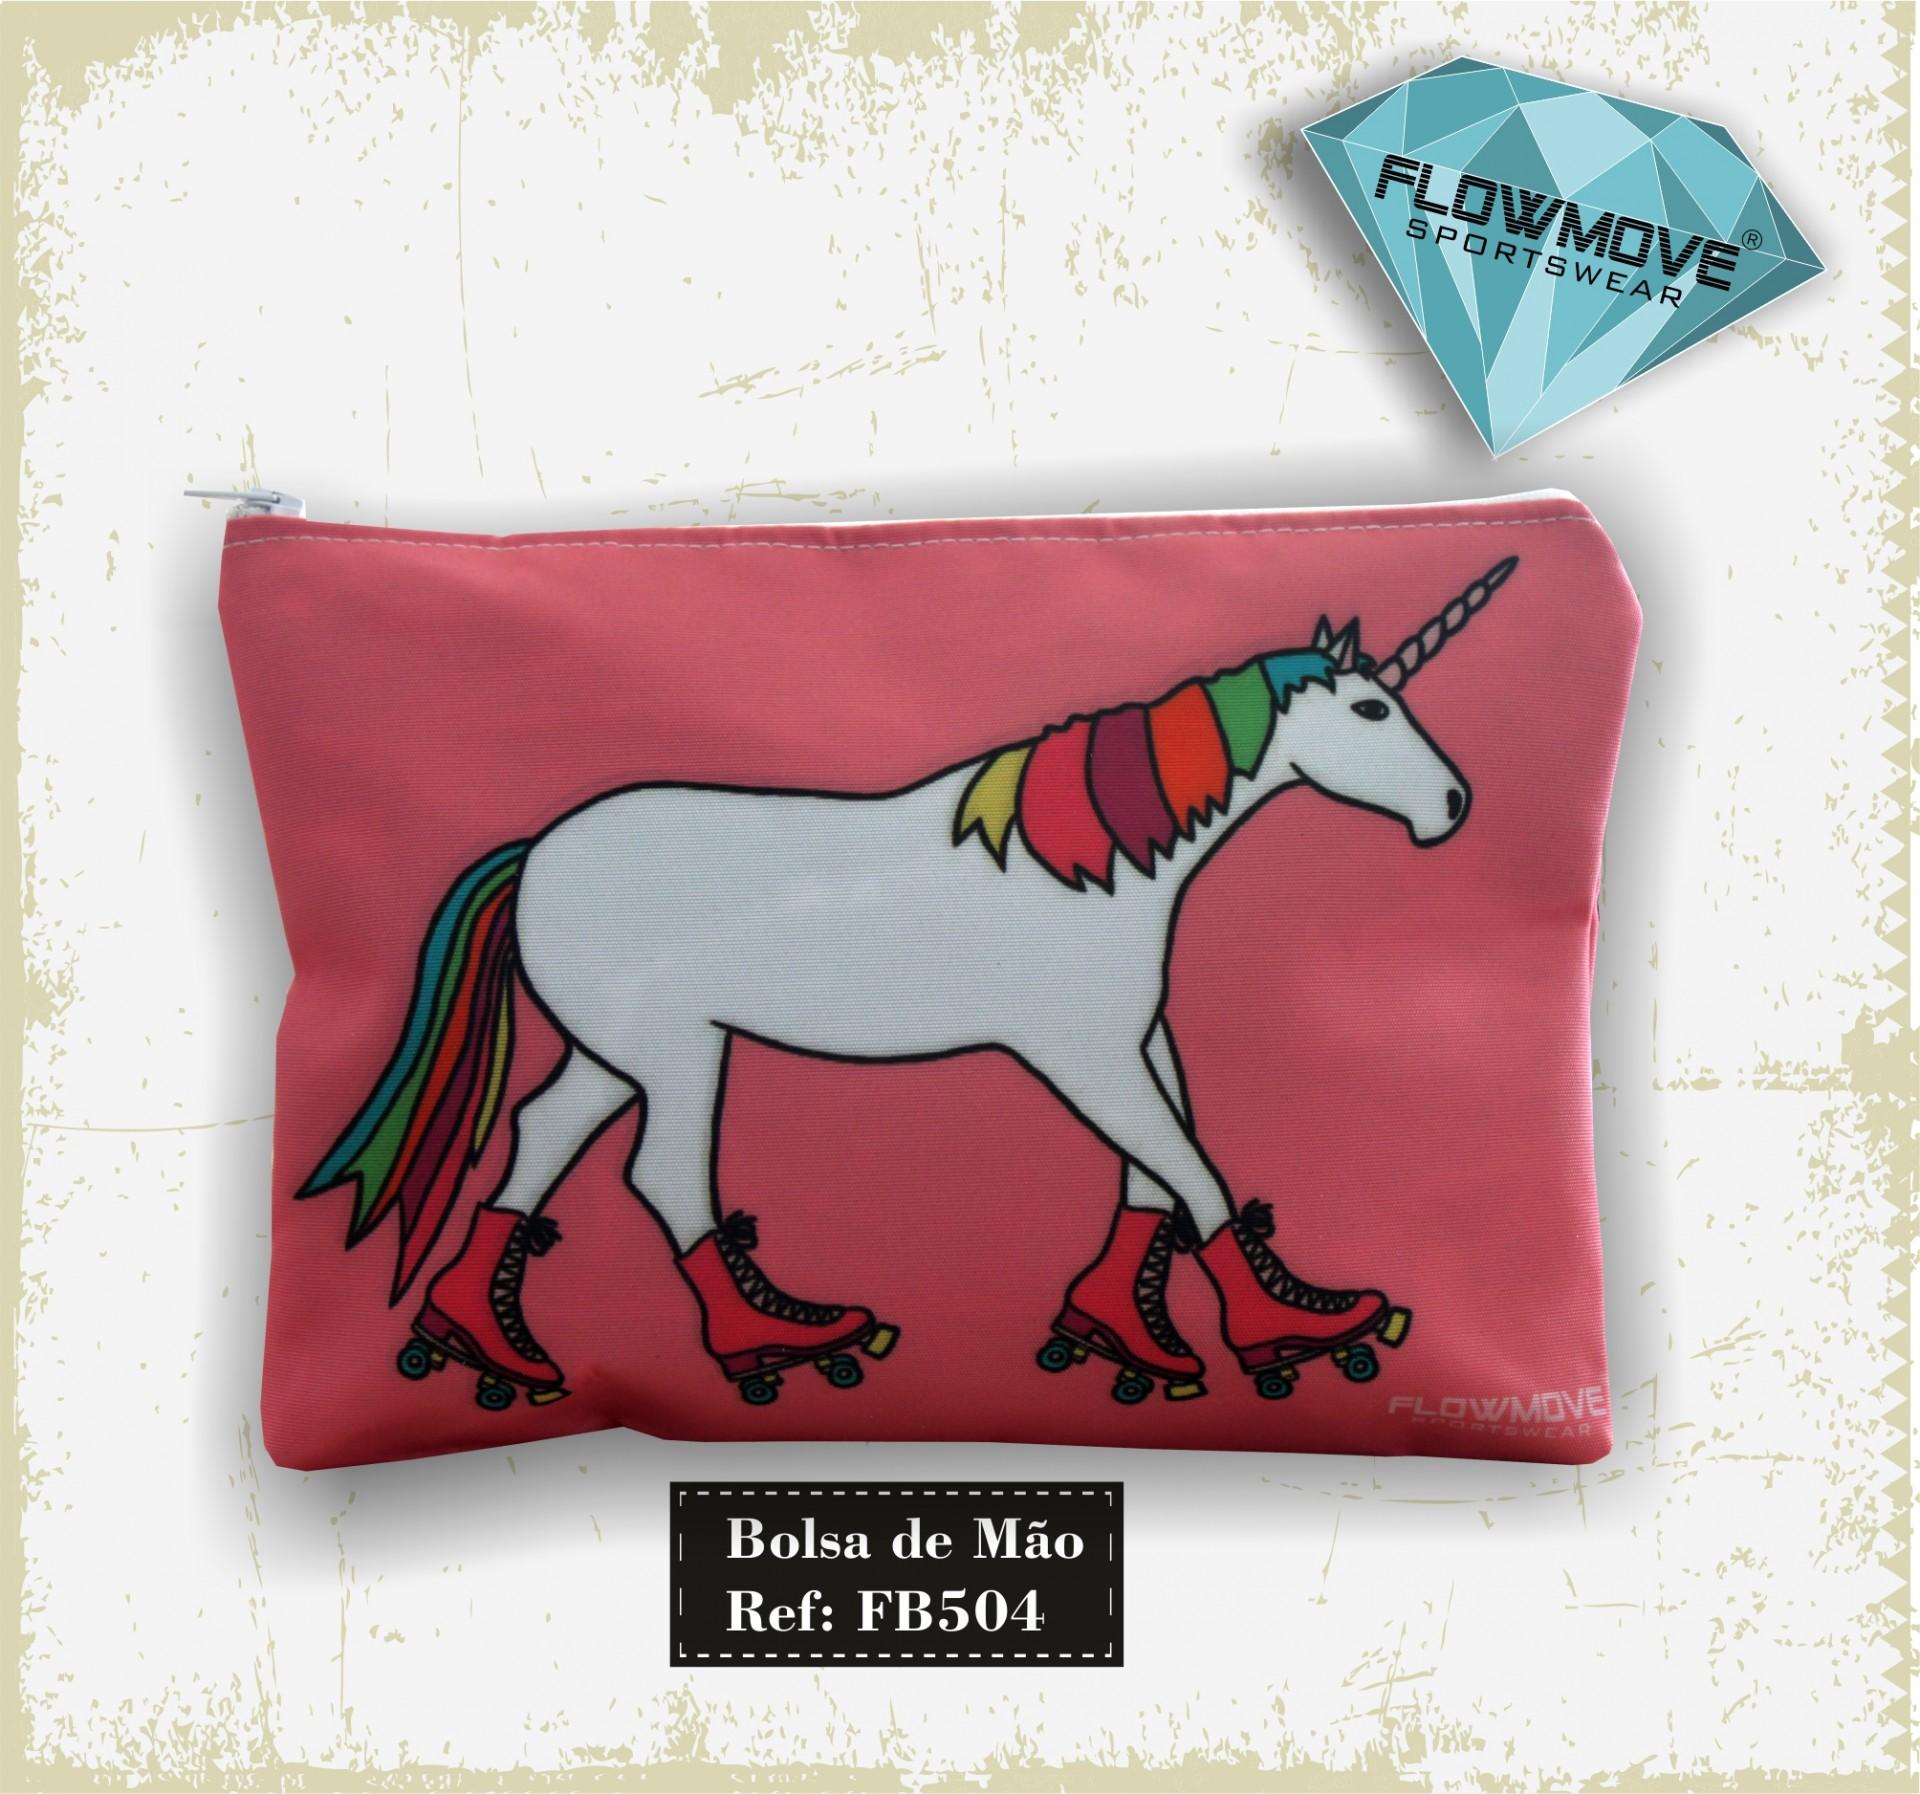 Bolsa De Mão Para Comprar : Bolsa de m?o unicorn flowmove